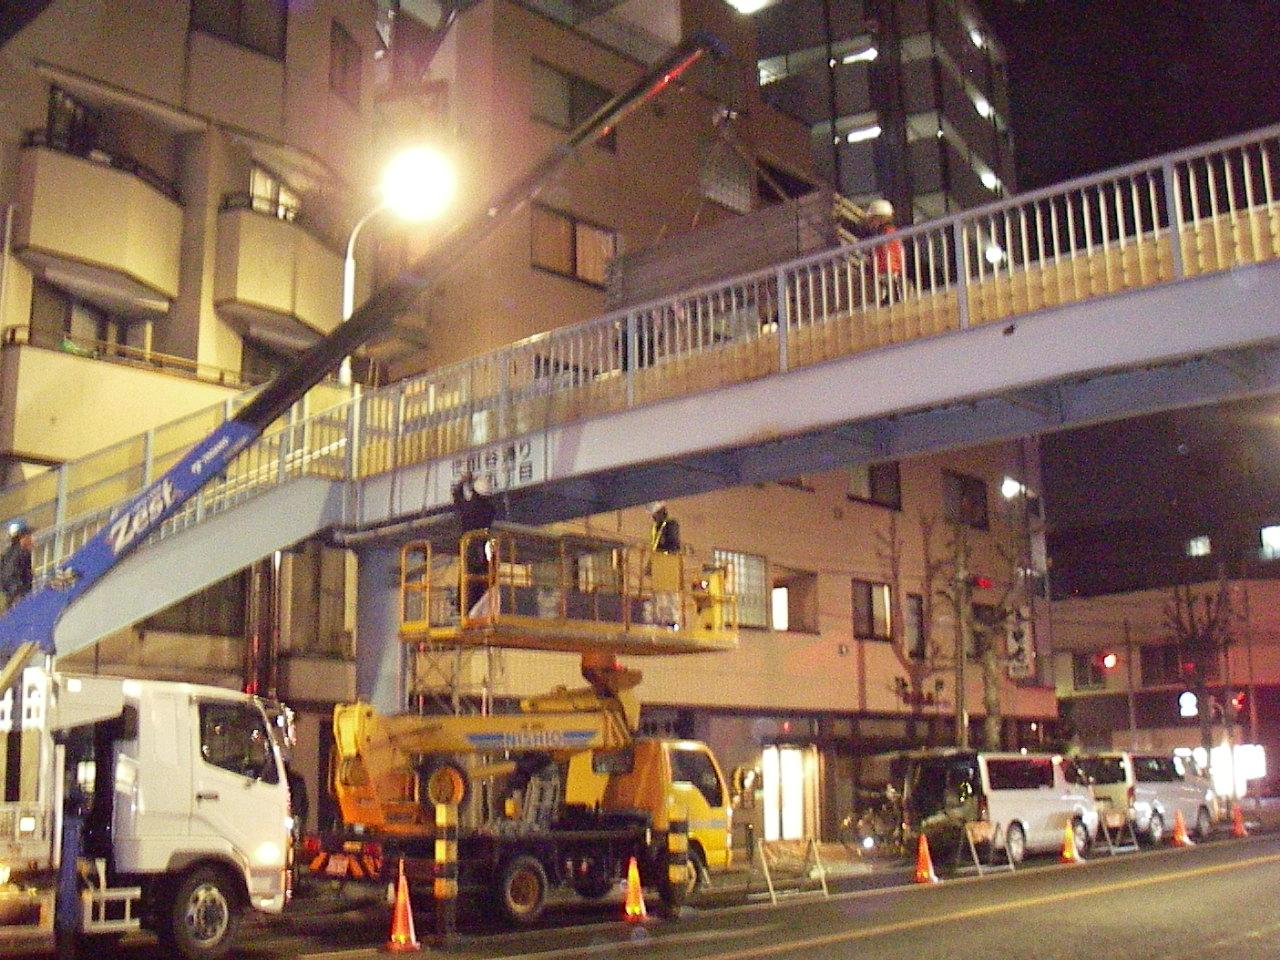 公共工事を支える技術力!大規模修繕工事のツツミワークス